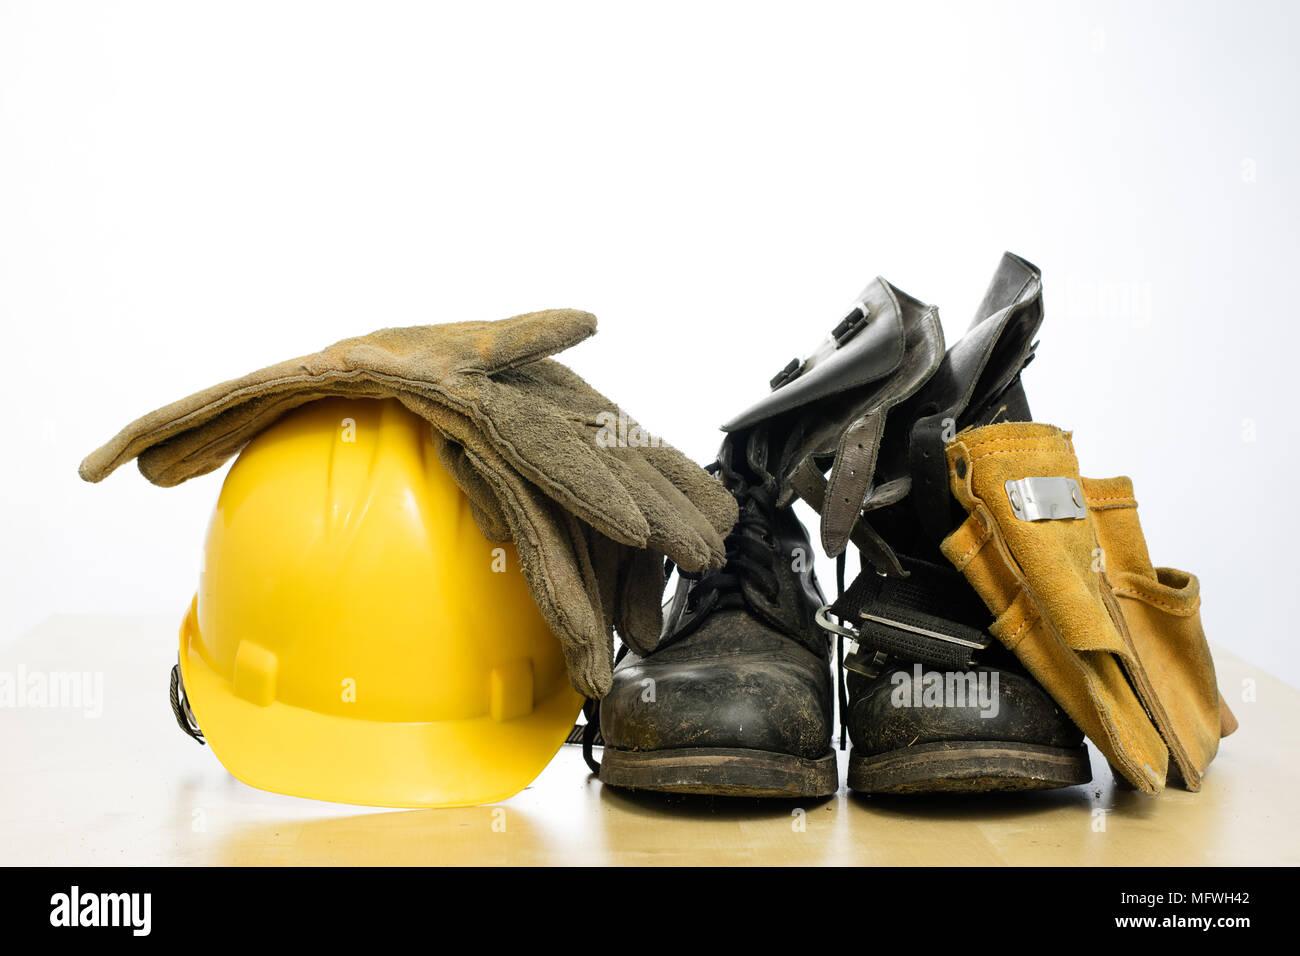 Casque de protection et des bottes de travail sur une table en bois.  Accessoires de sécurité et de protection de la santé des travailleurs de la  ... 3b1aad61988c